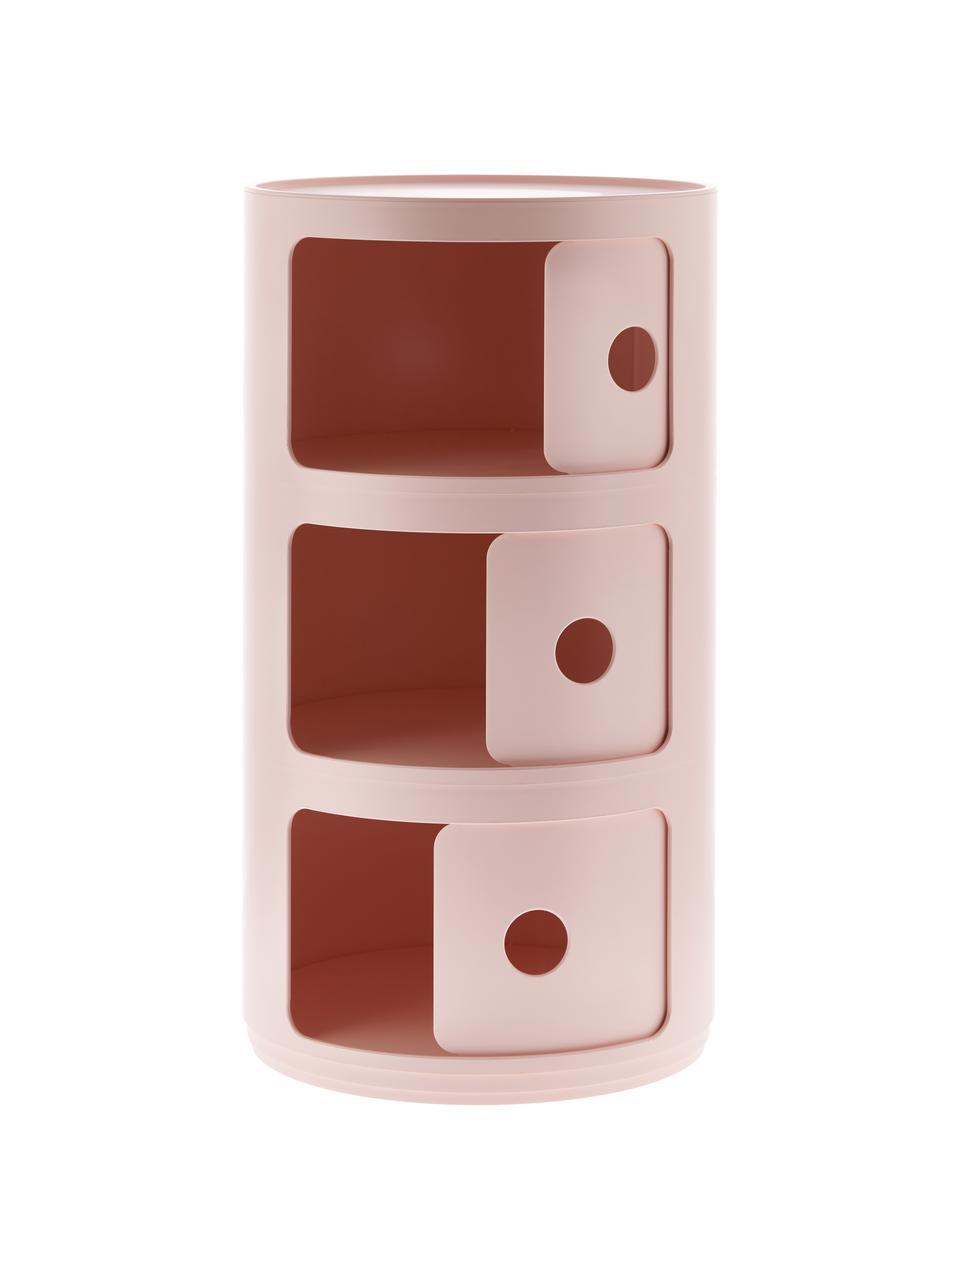 Stolik pomocniczy bio Componibili, 100% biopolimer z surowców odnawialnych, Blady różowy, matowy, Ø 32 x W 59 cm